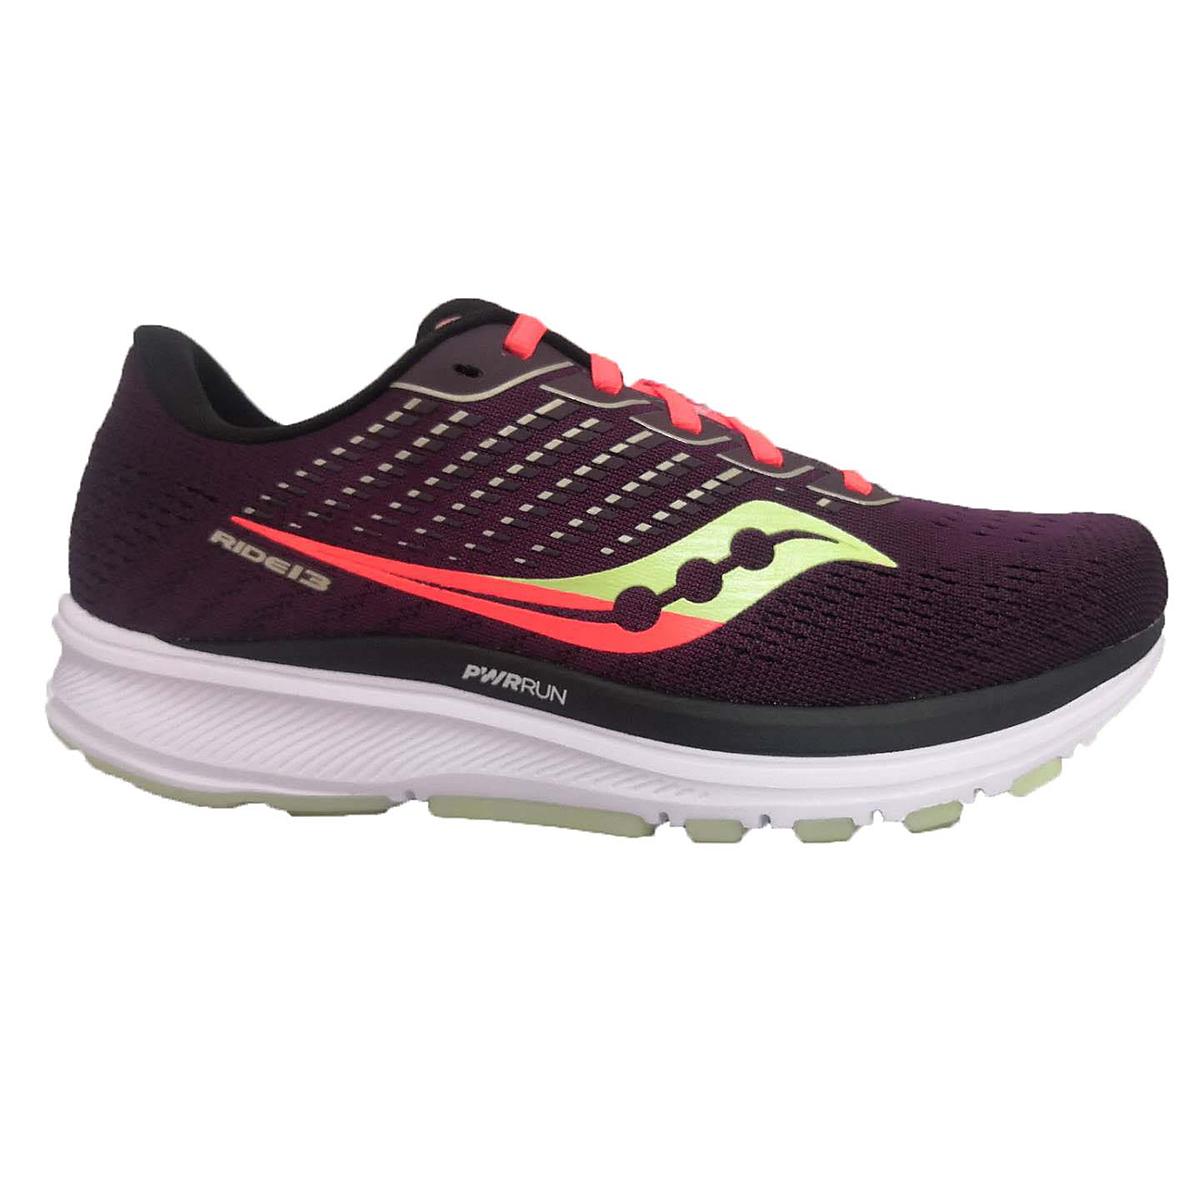 Women's Saucony Ride 13 Jackalope 2.0 Running Shoe - Color: Jackalope - Size: 7 - Width: Regular, Jackalope, large, image 1